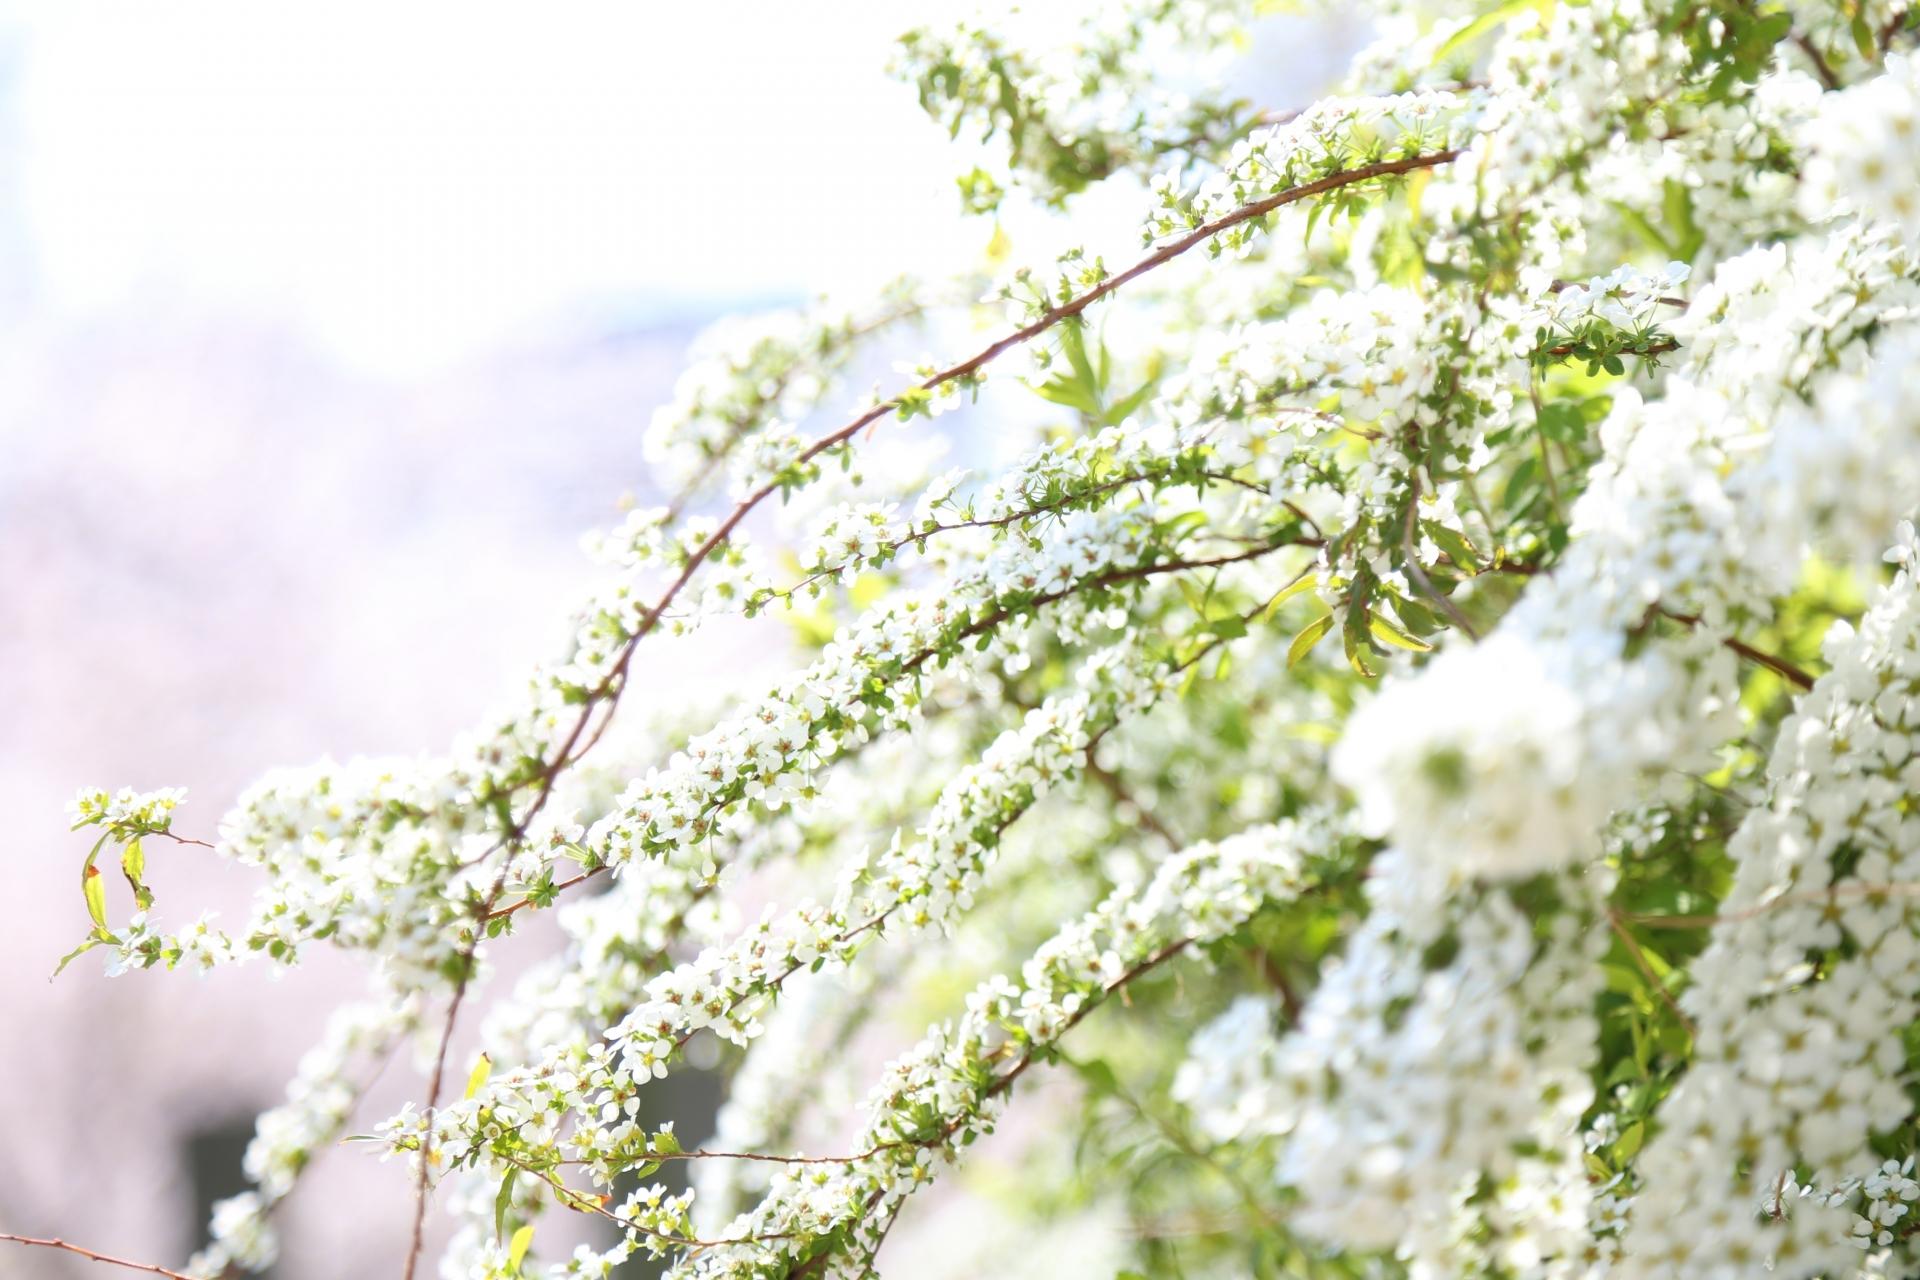 ガーデン用品屋さんの花図鑑 ユキヤナギ